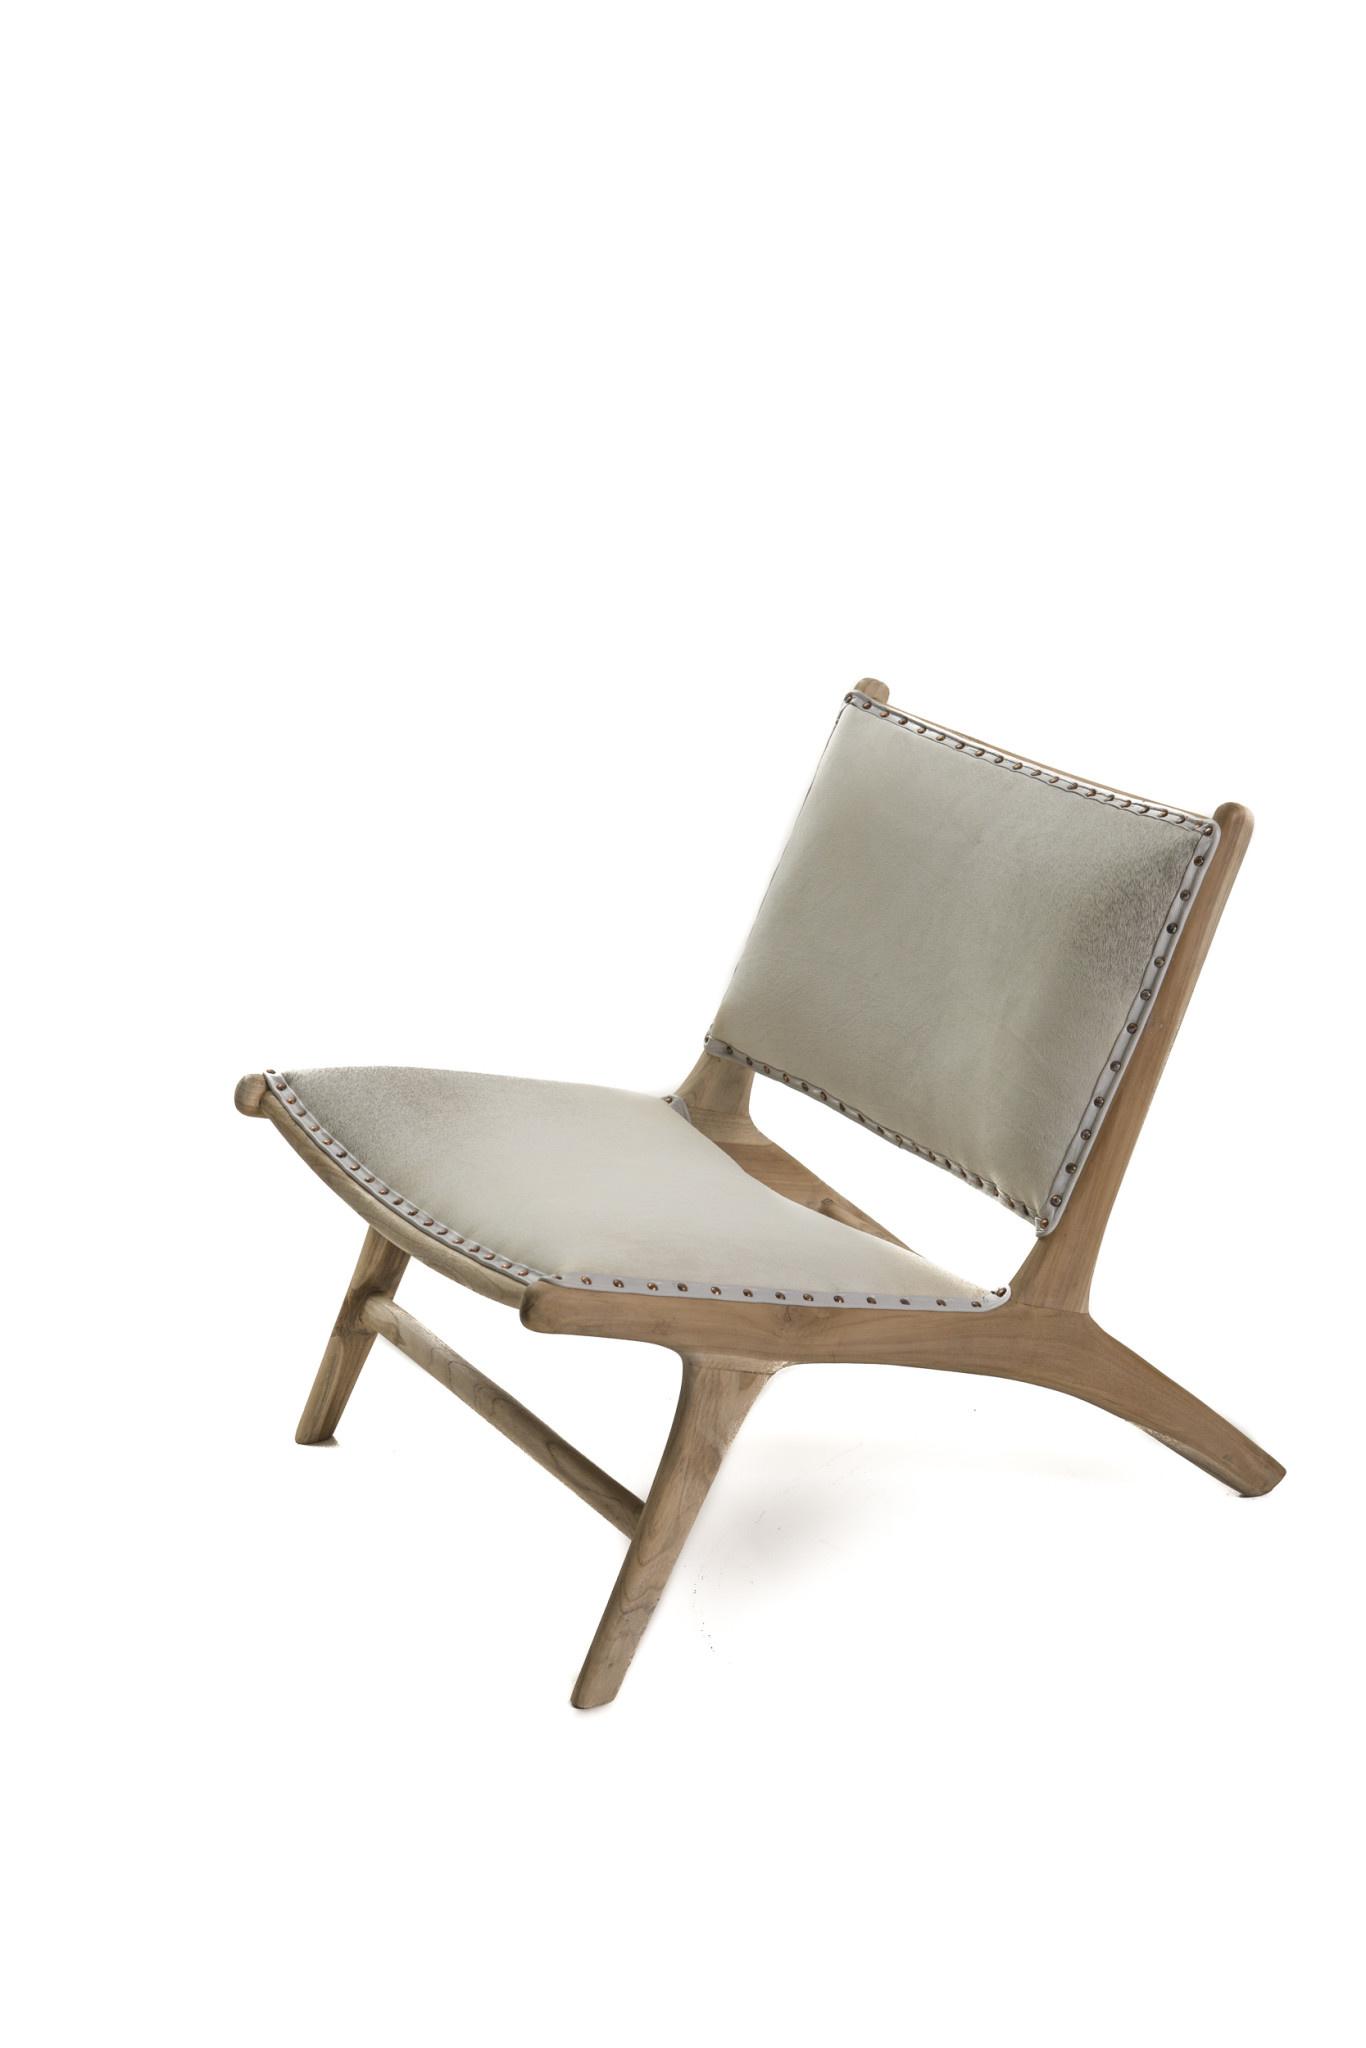 Couleur Locale Monroe Lounge Chair White Cowhide White Wash Teak